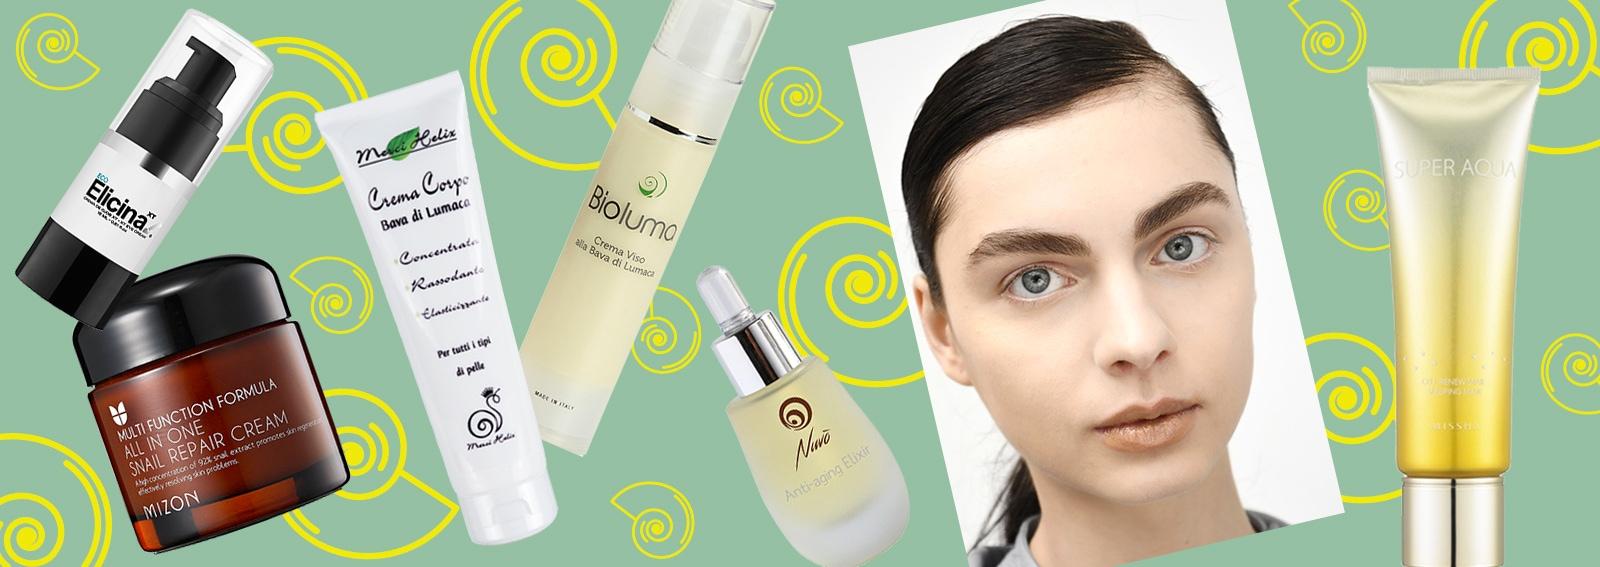 prodotti viso bava di lumaca collage_desktop